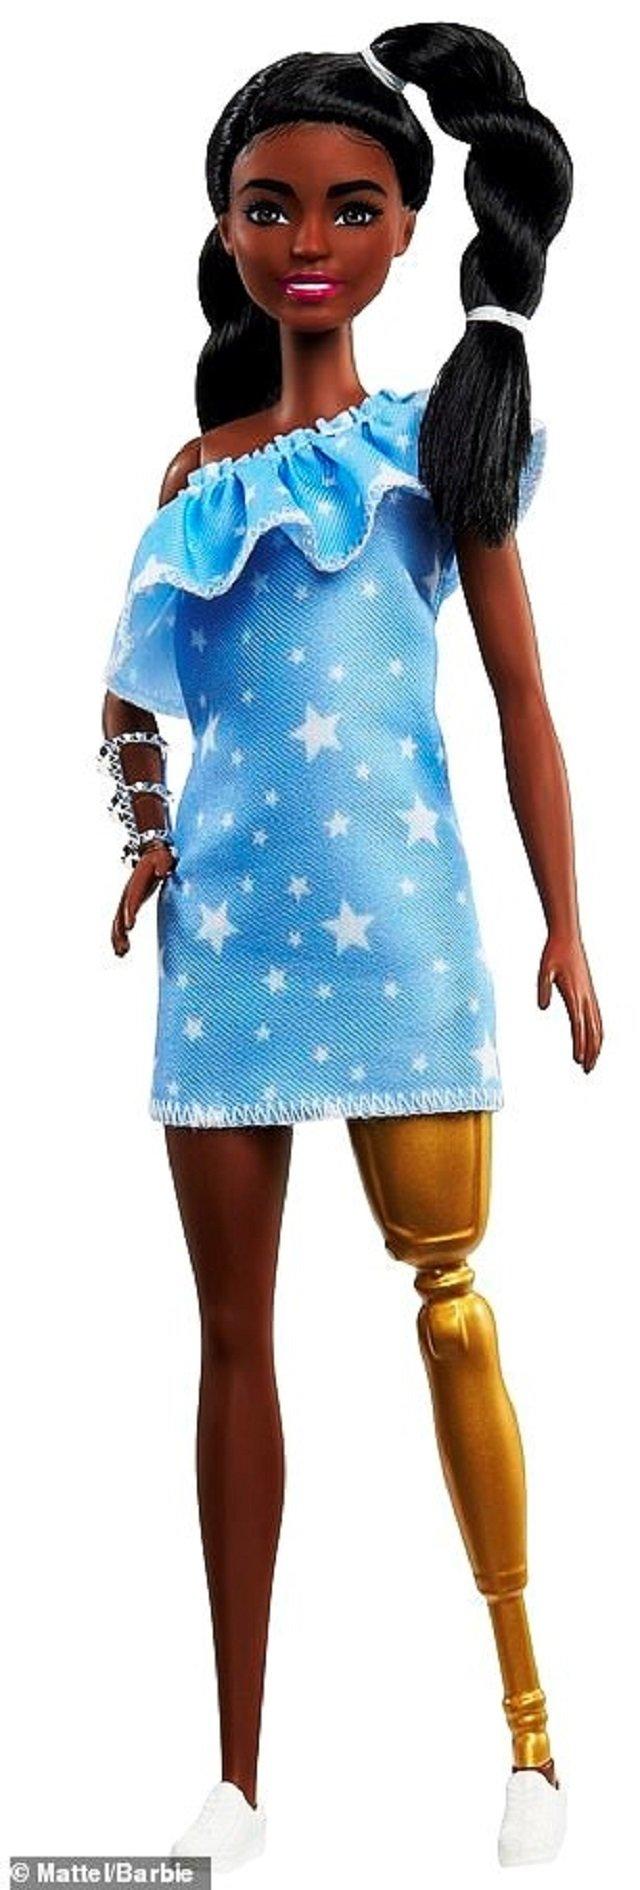 У продажу з'являться незвичайні ляльки Барбі - фото 382763